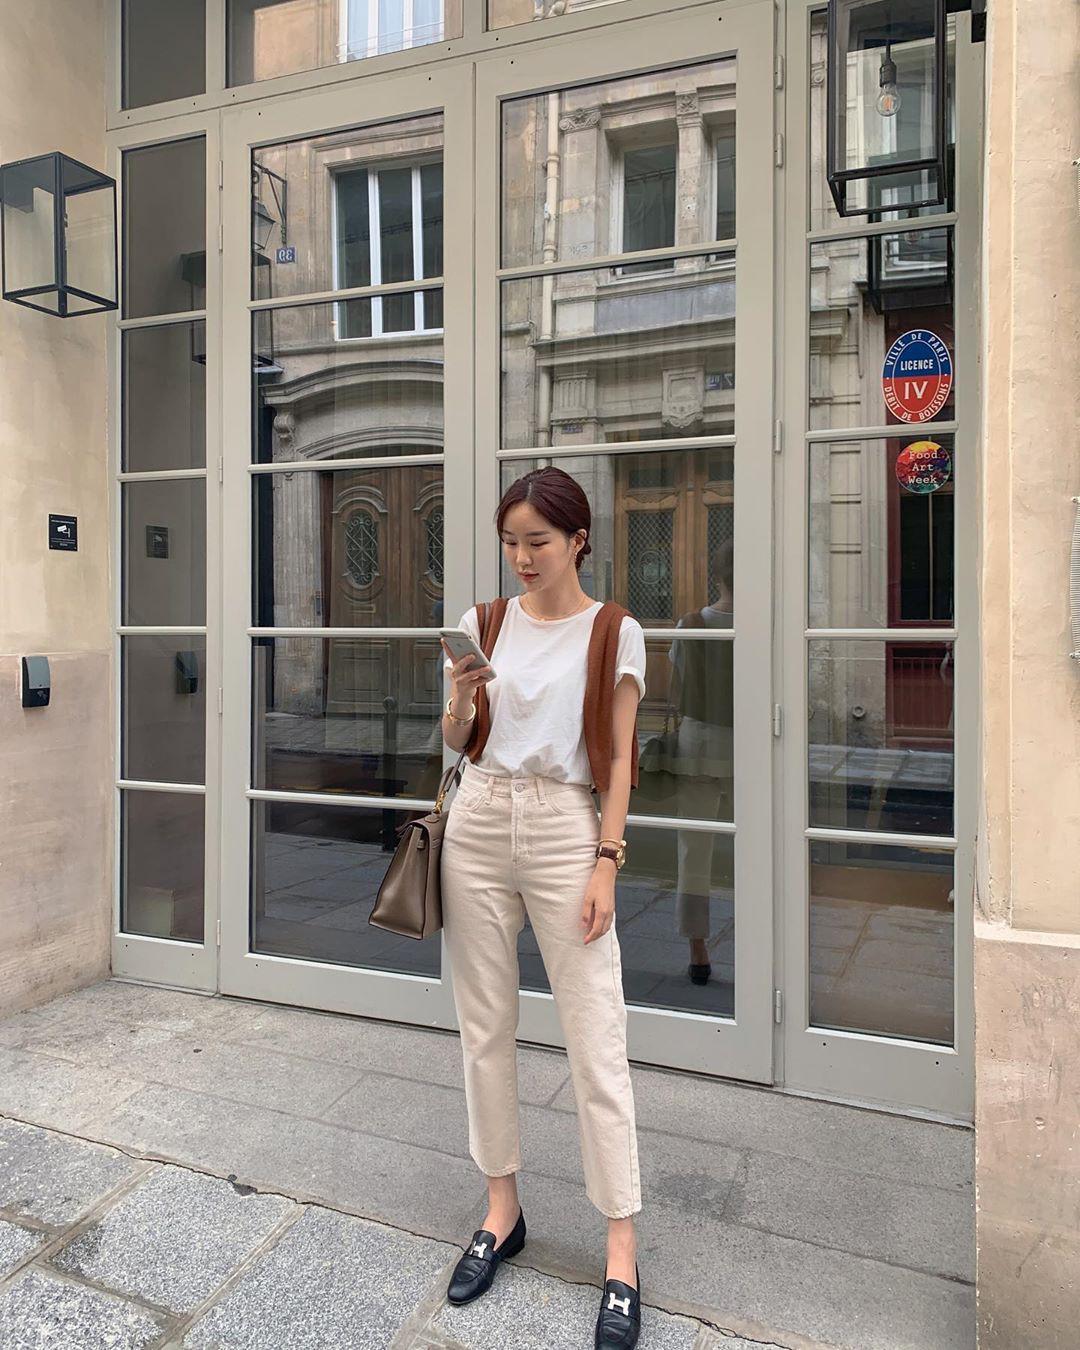 Street style Châu Á: Chẳng cầu kỳ, chỉ với vài ba món đồ công sở đơn giản mà vẫn mãn nhãn người nhìn - Ảnh 7